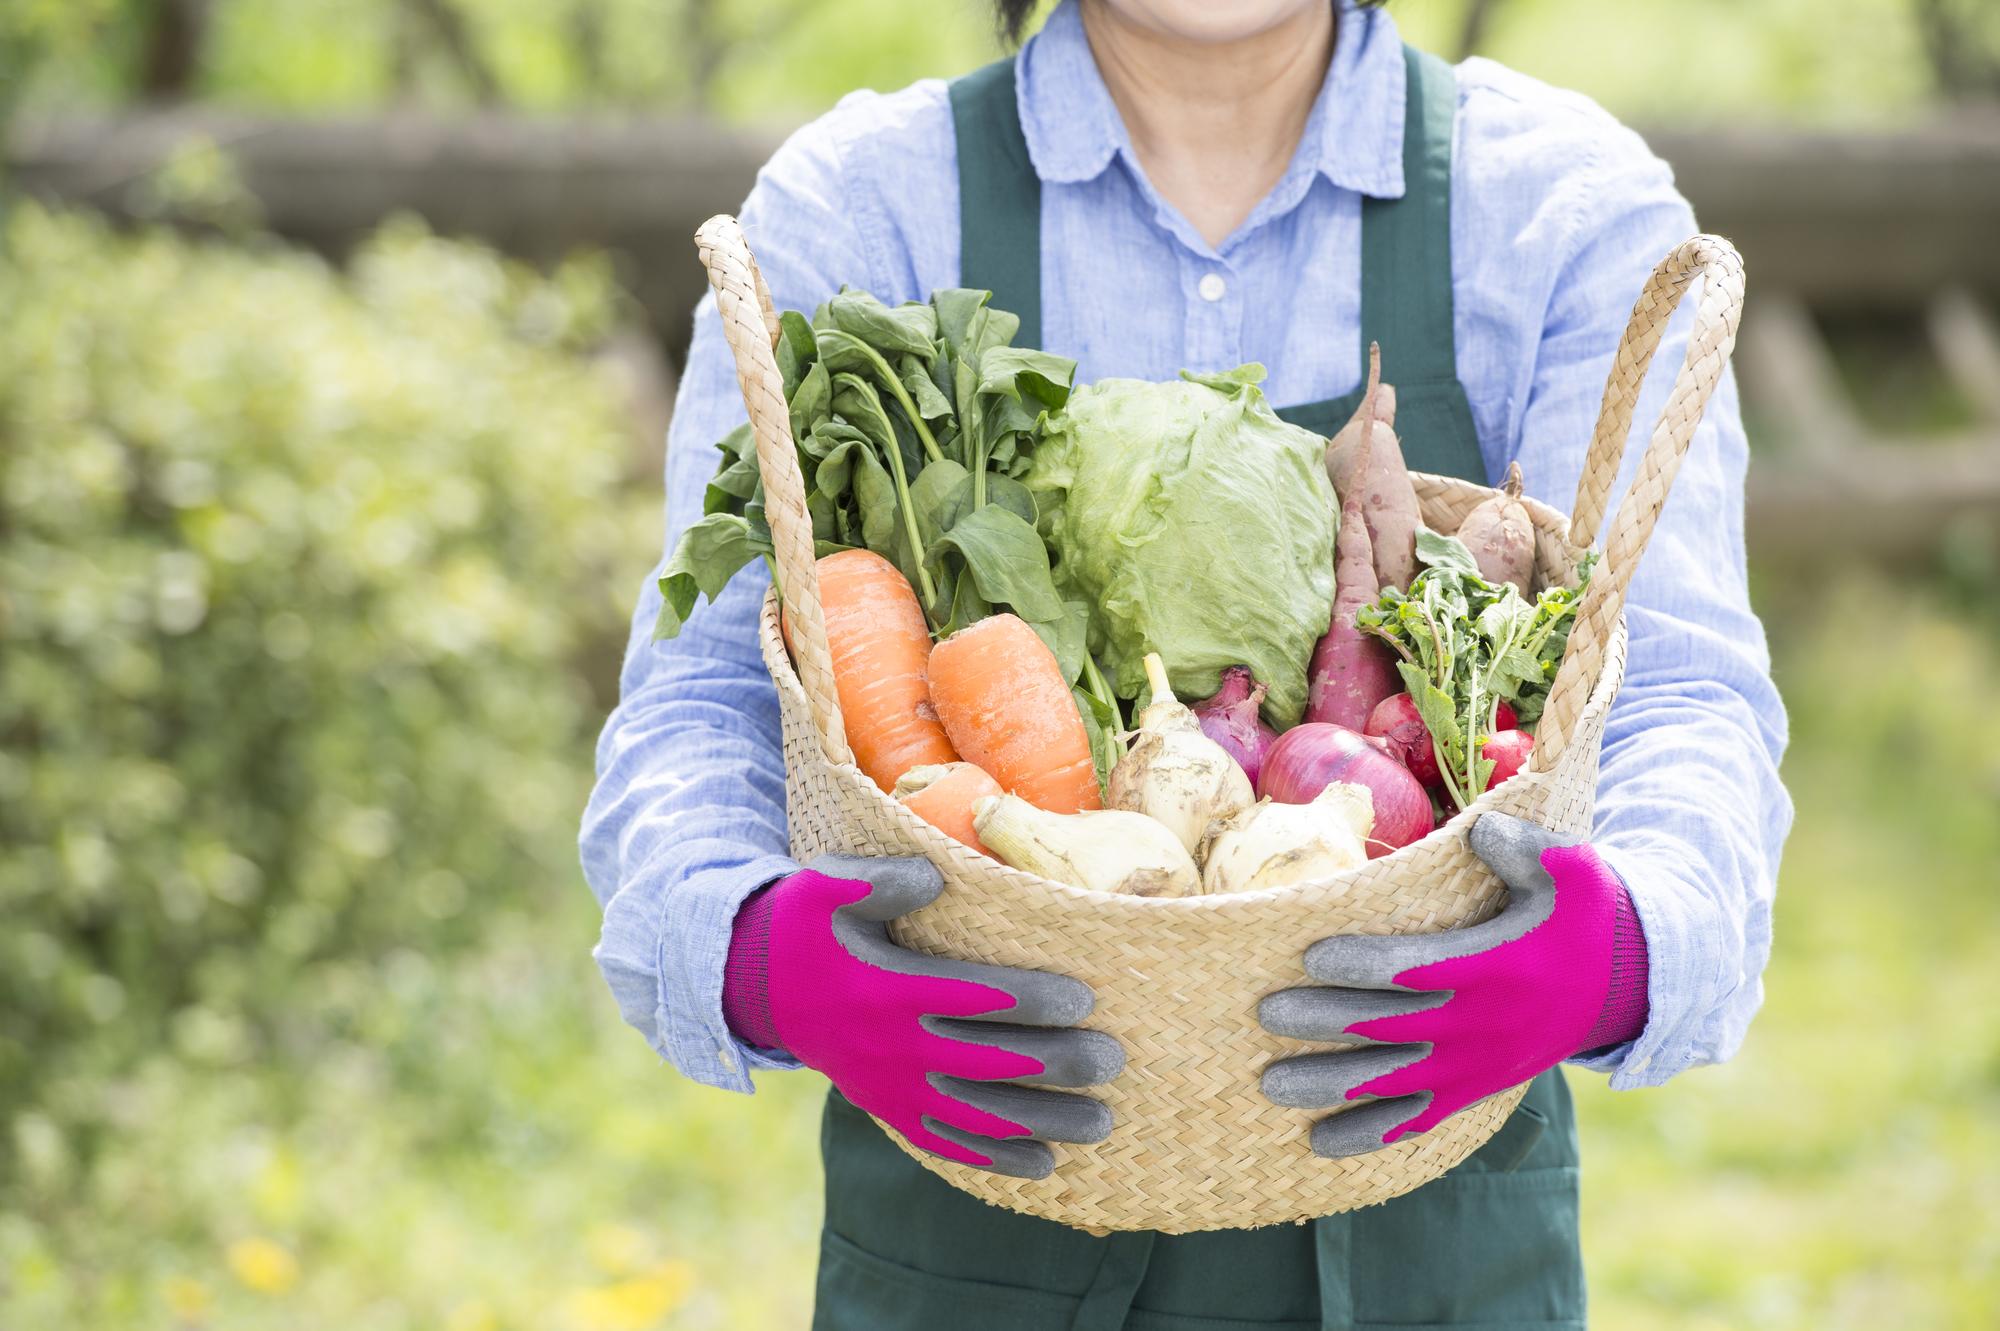 安全性の高い野菜を食べたい!西日本・九州の野菜を扱う宅配業者5選